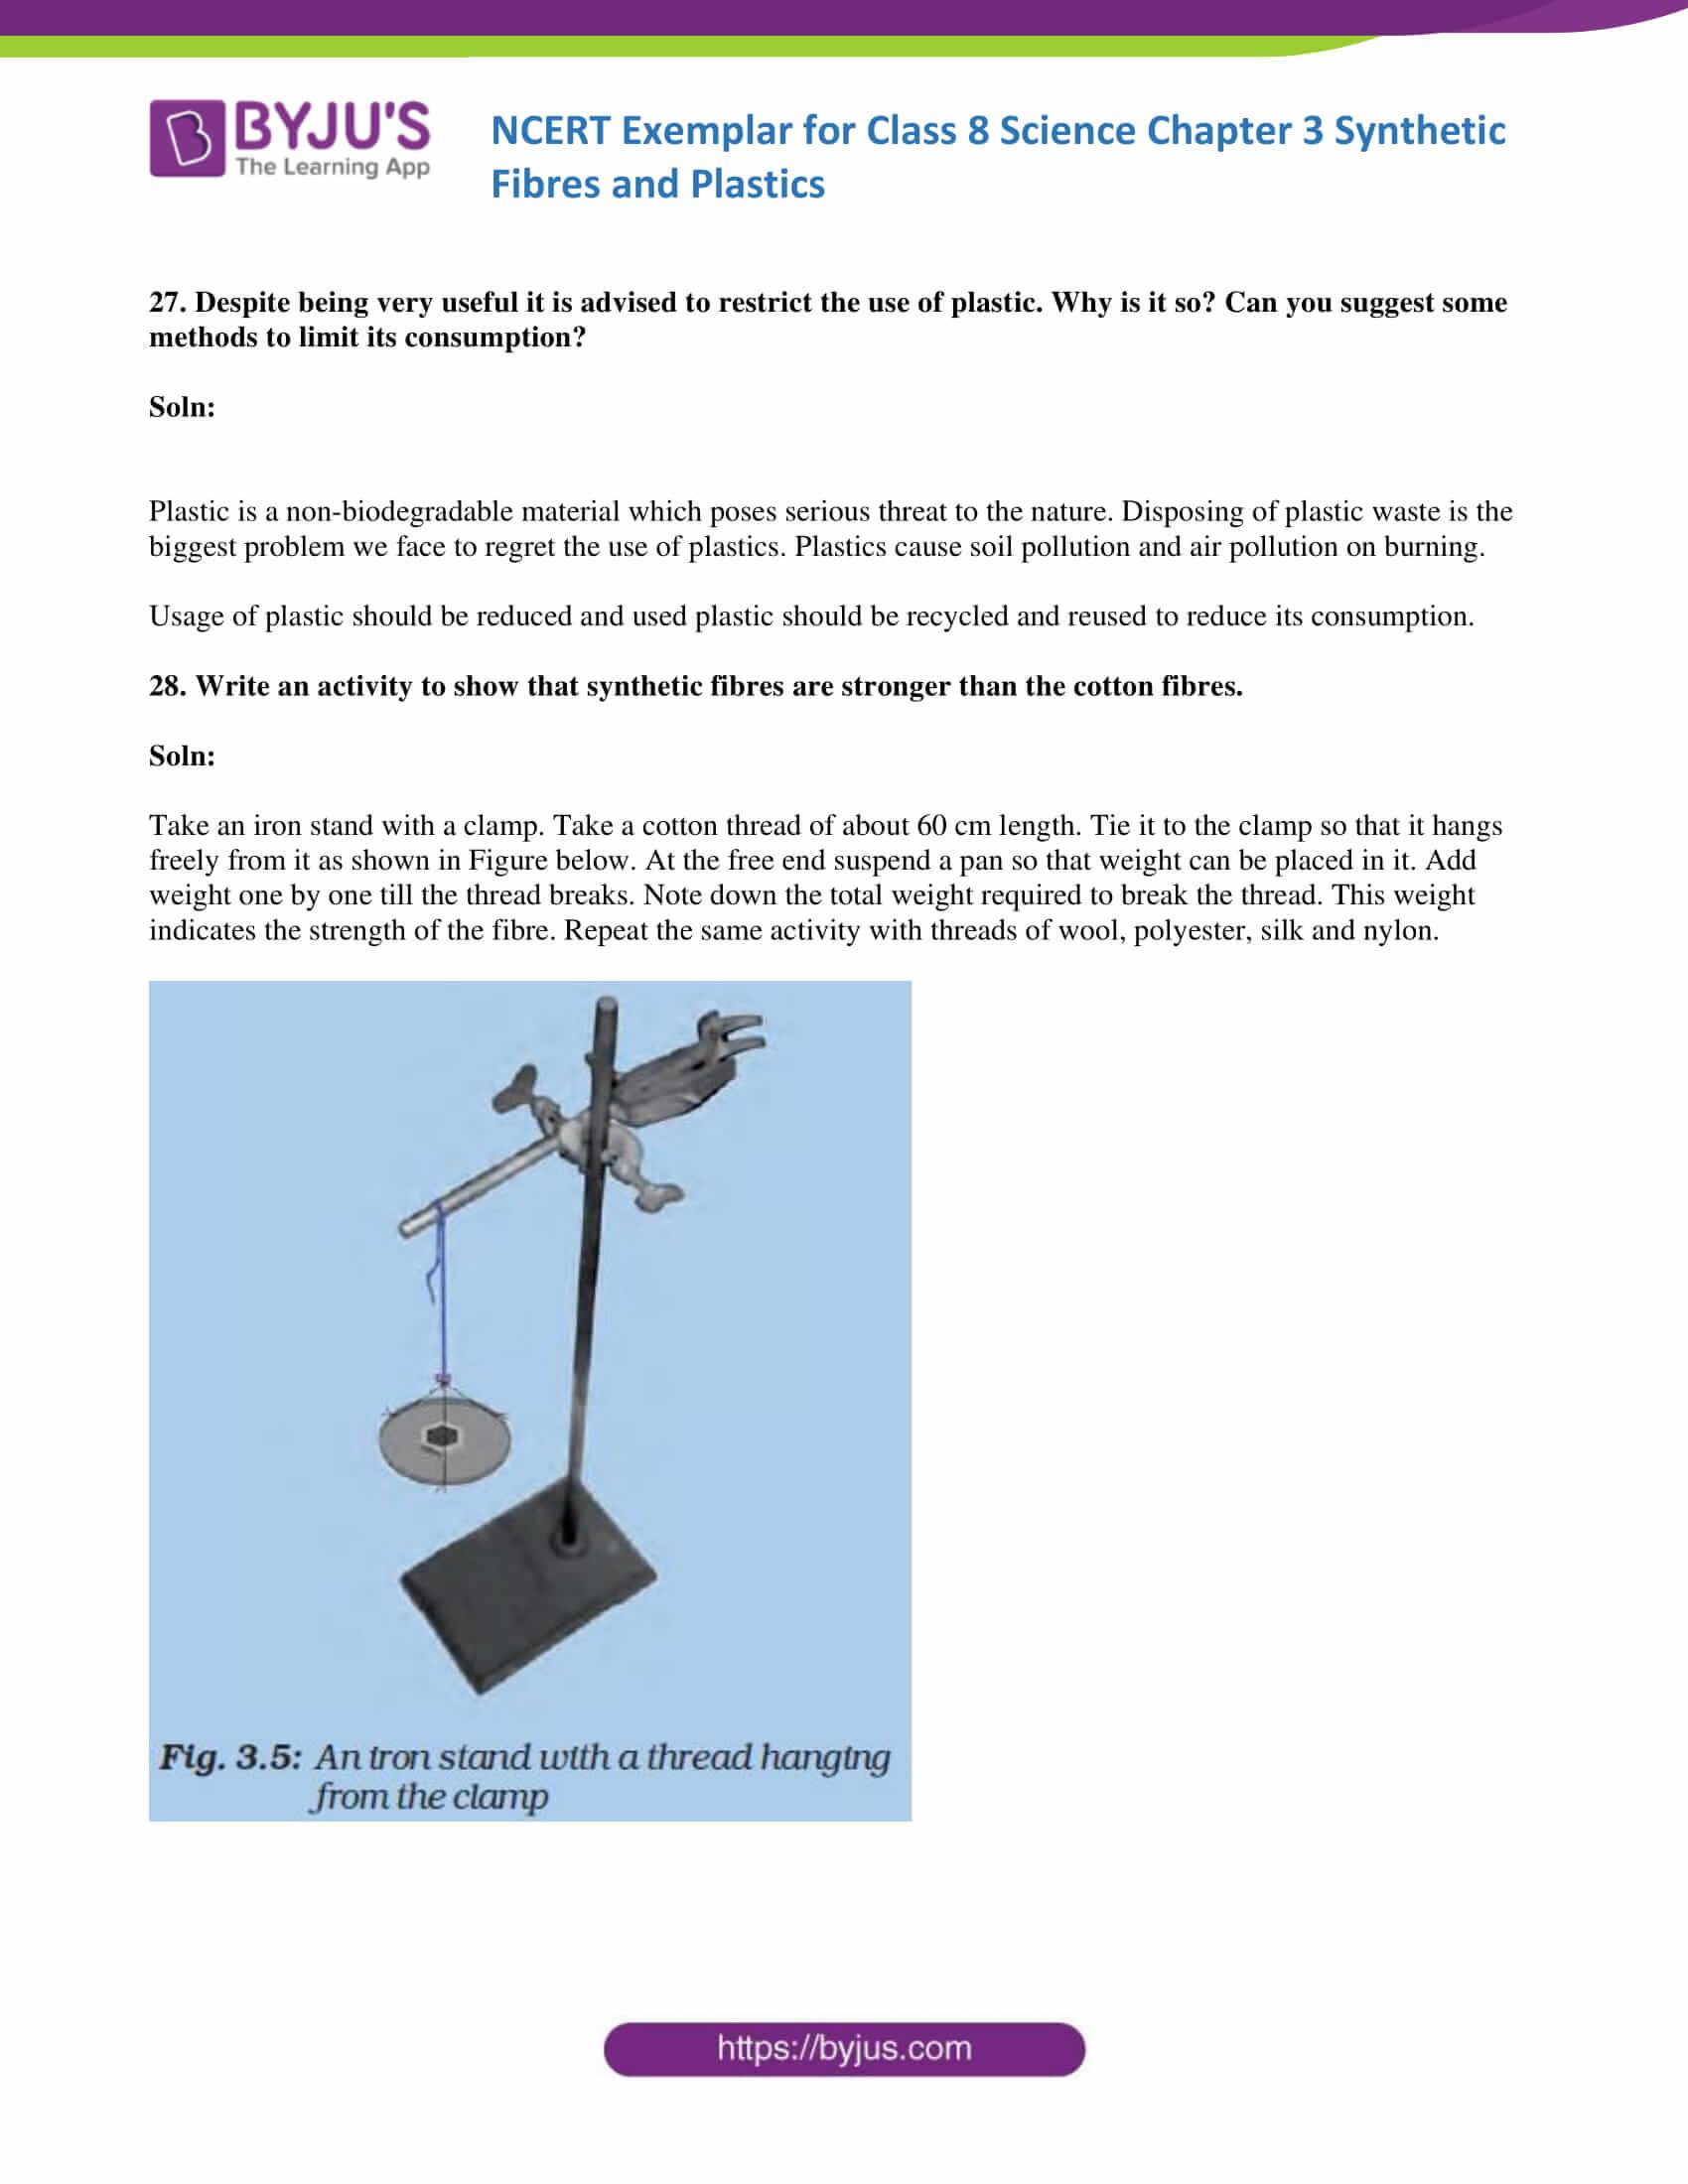 NCERT Exemplar solution class 8 Chapter 3 part 08